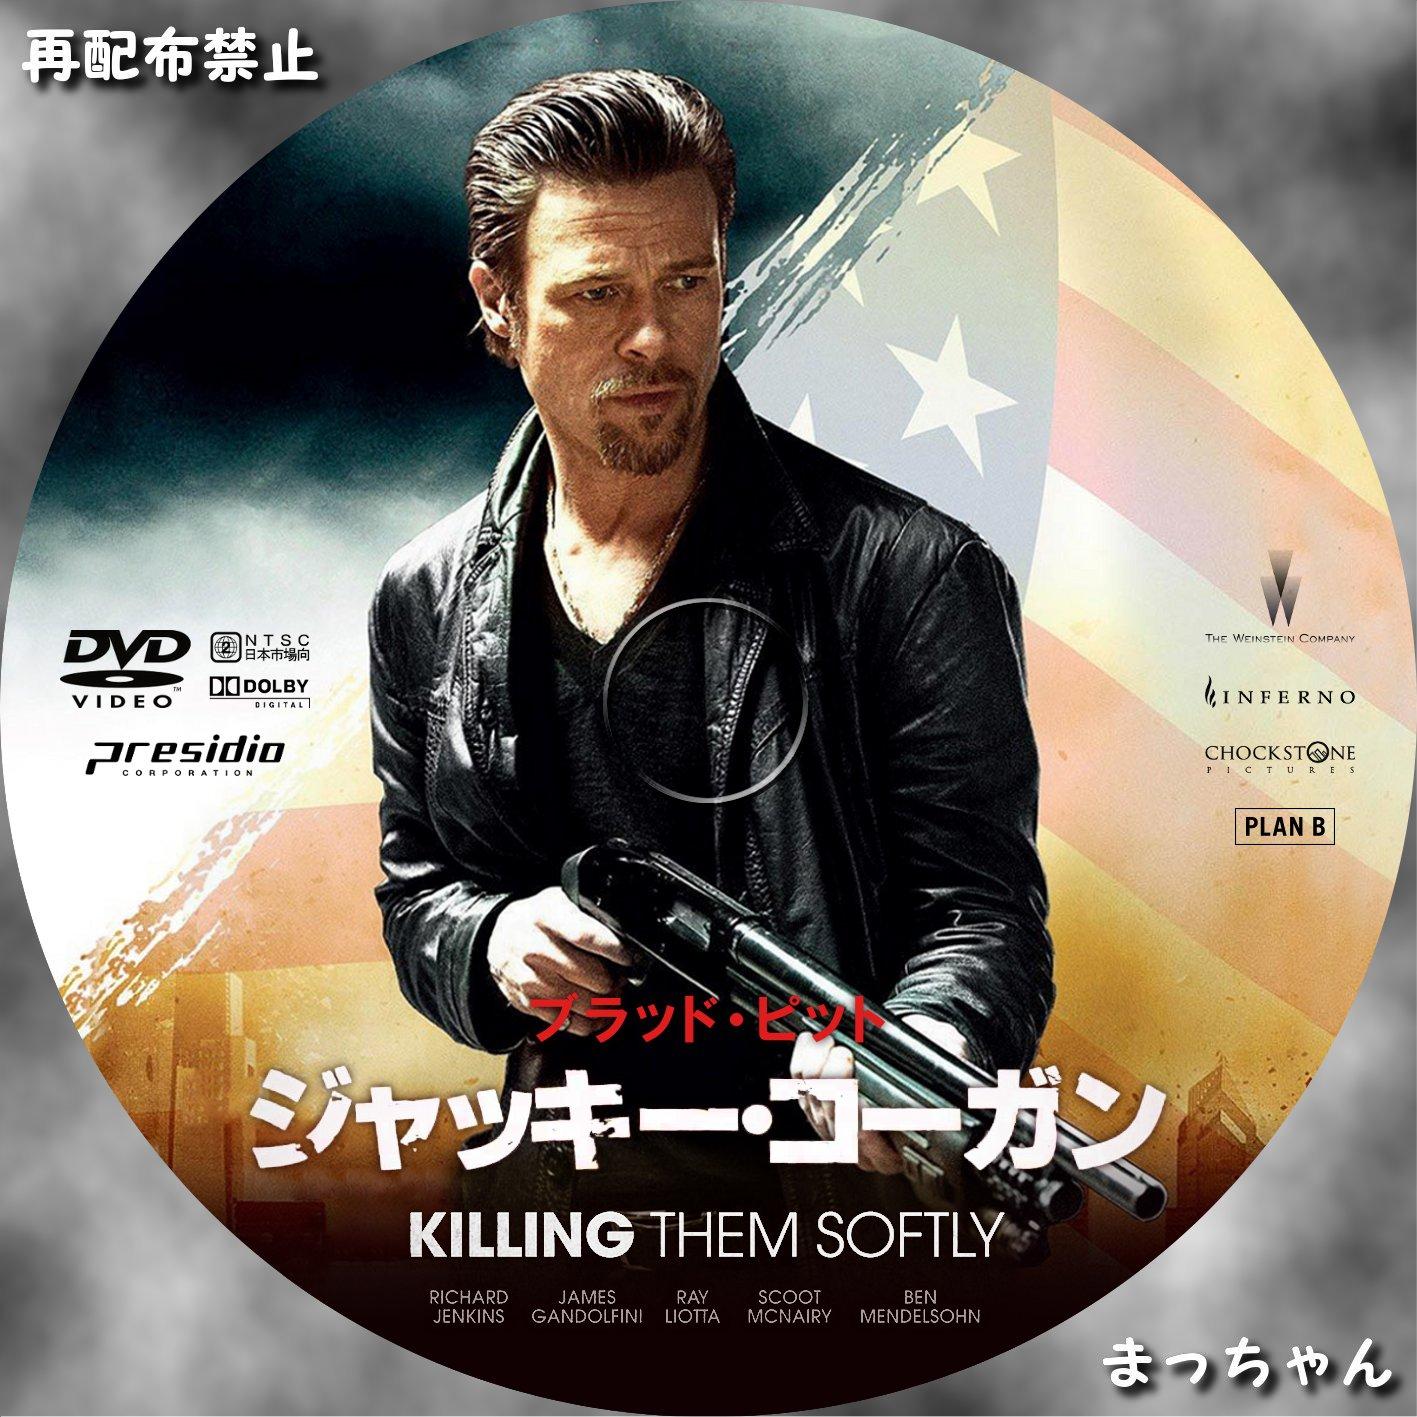 ジャッキー・コーガンまっちゃんの☆自作DVDラベル☆